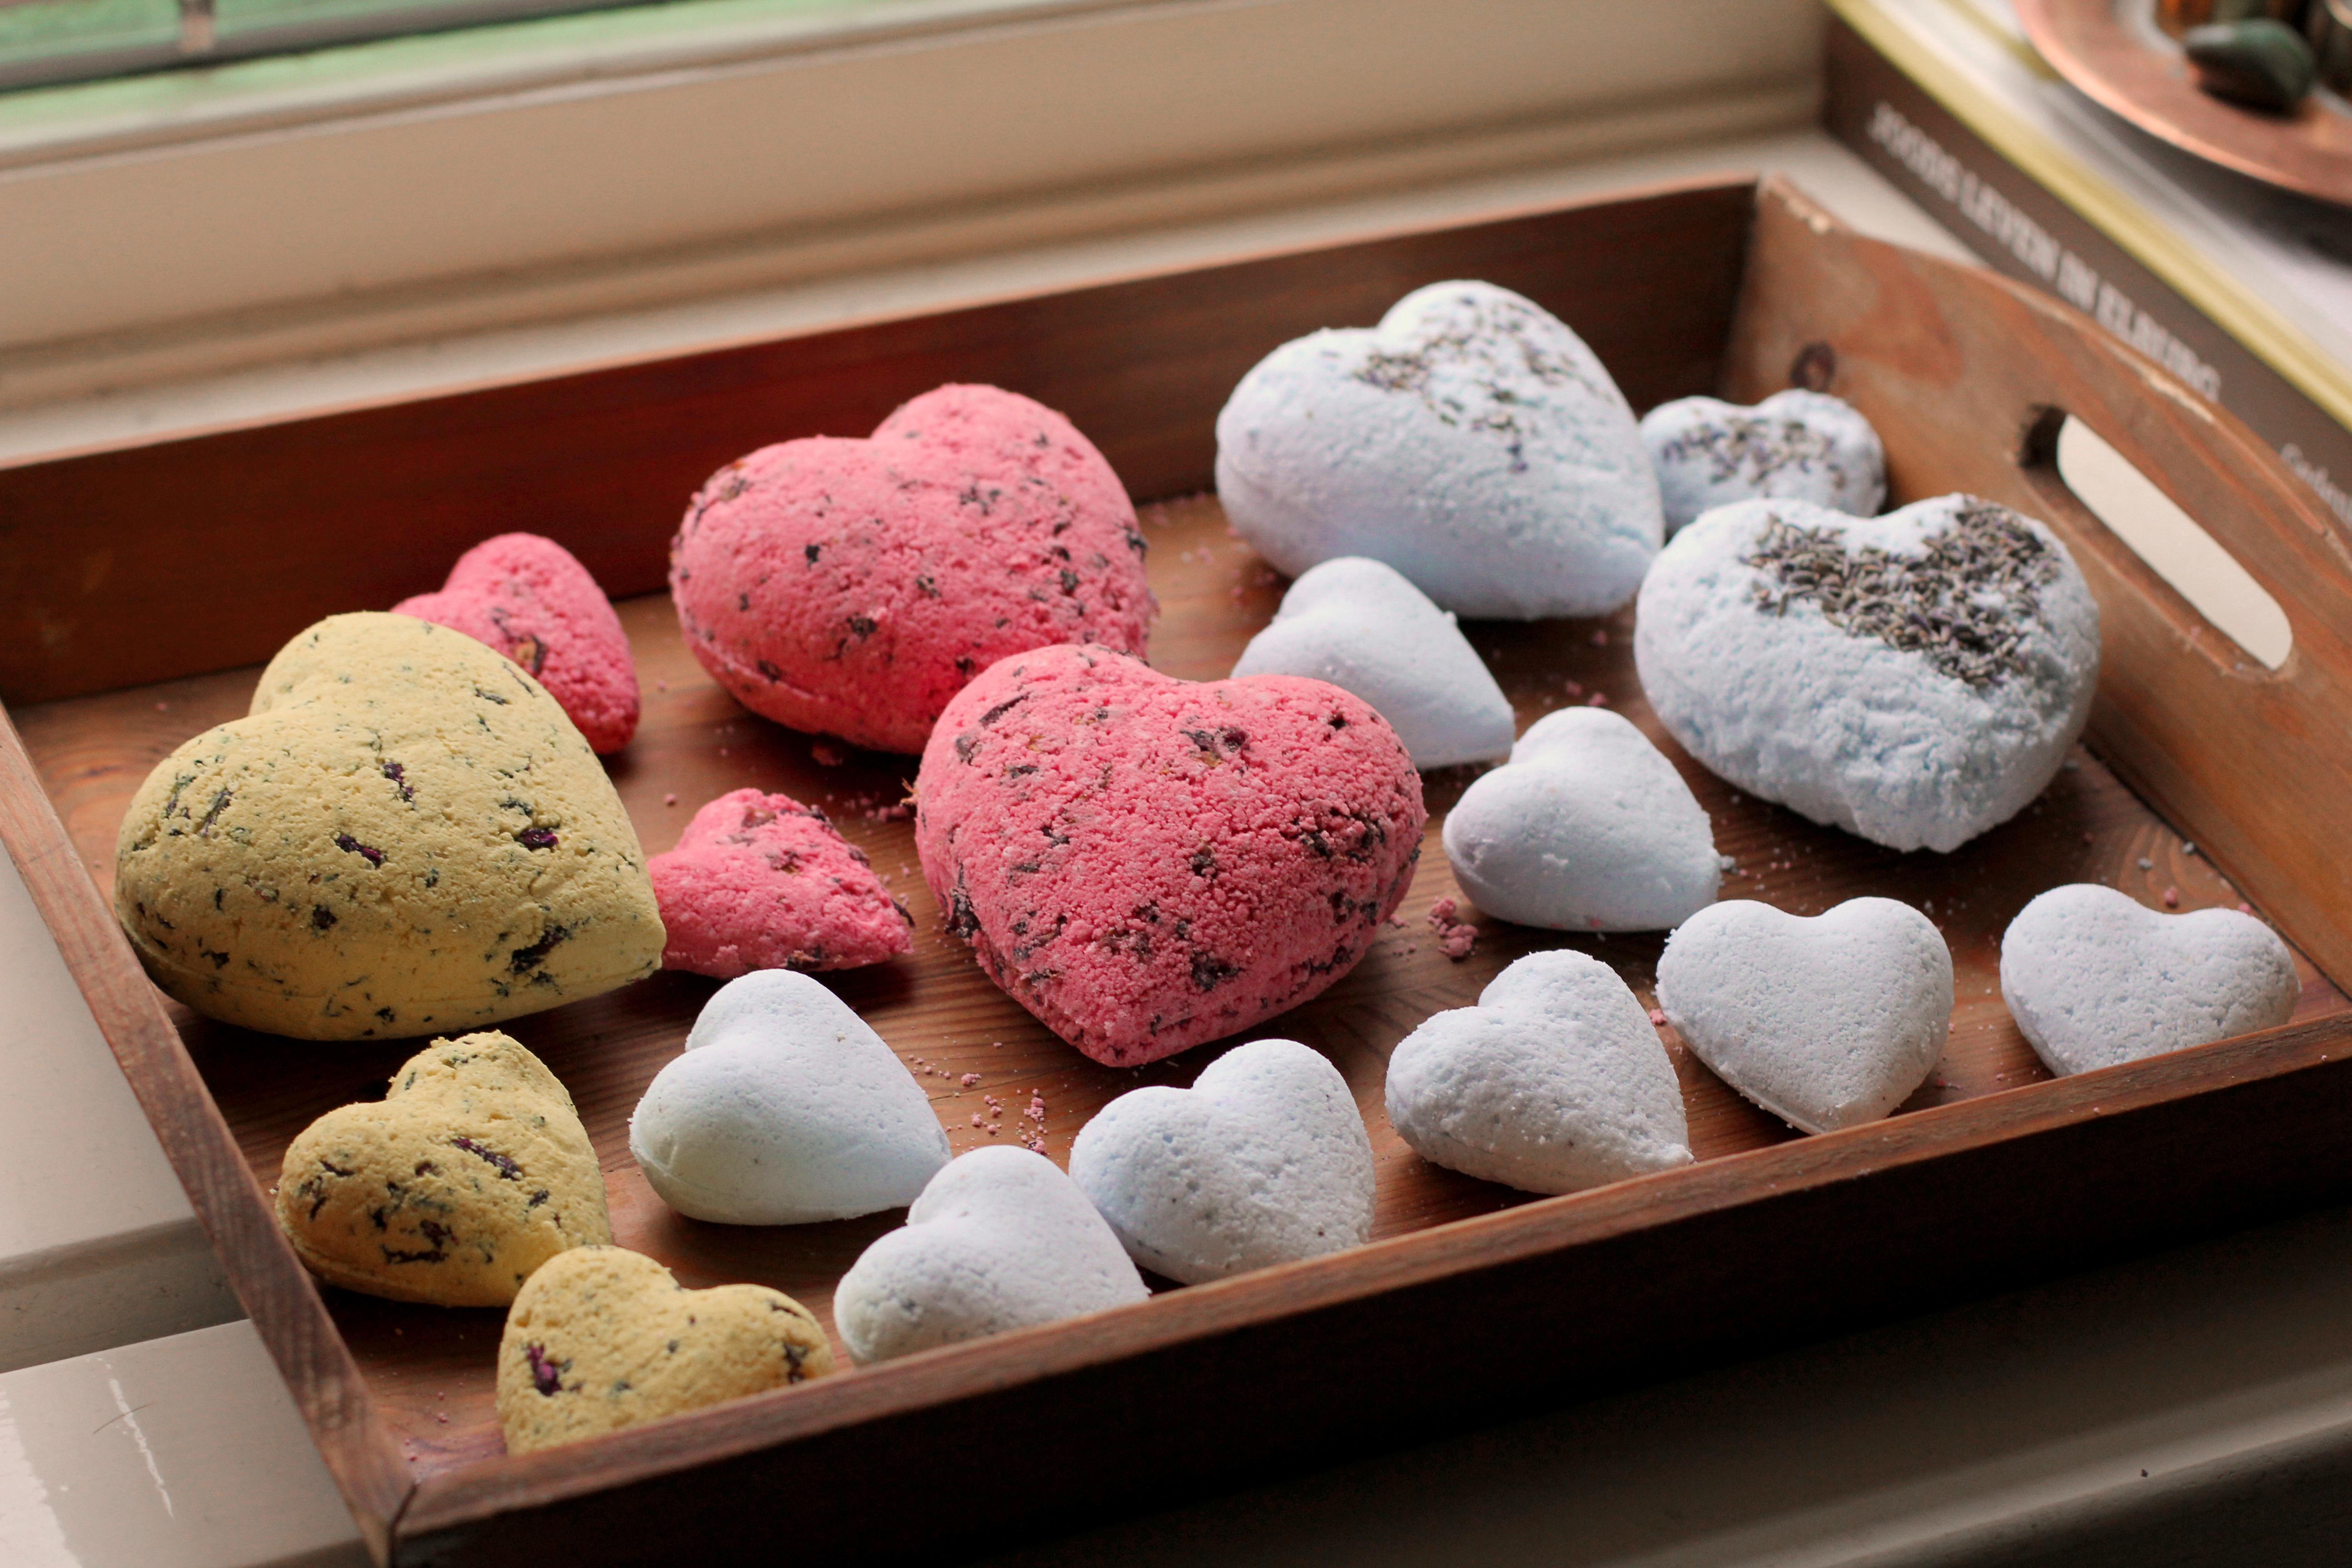 Selection of homemade bath bombs. (Erika van Rijssen)